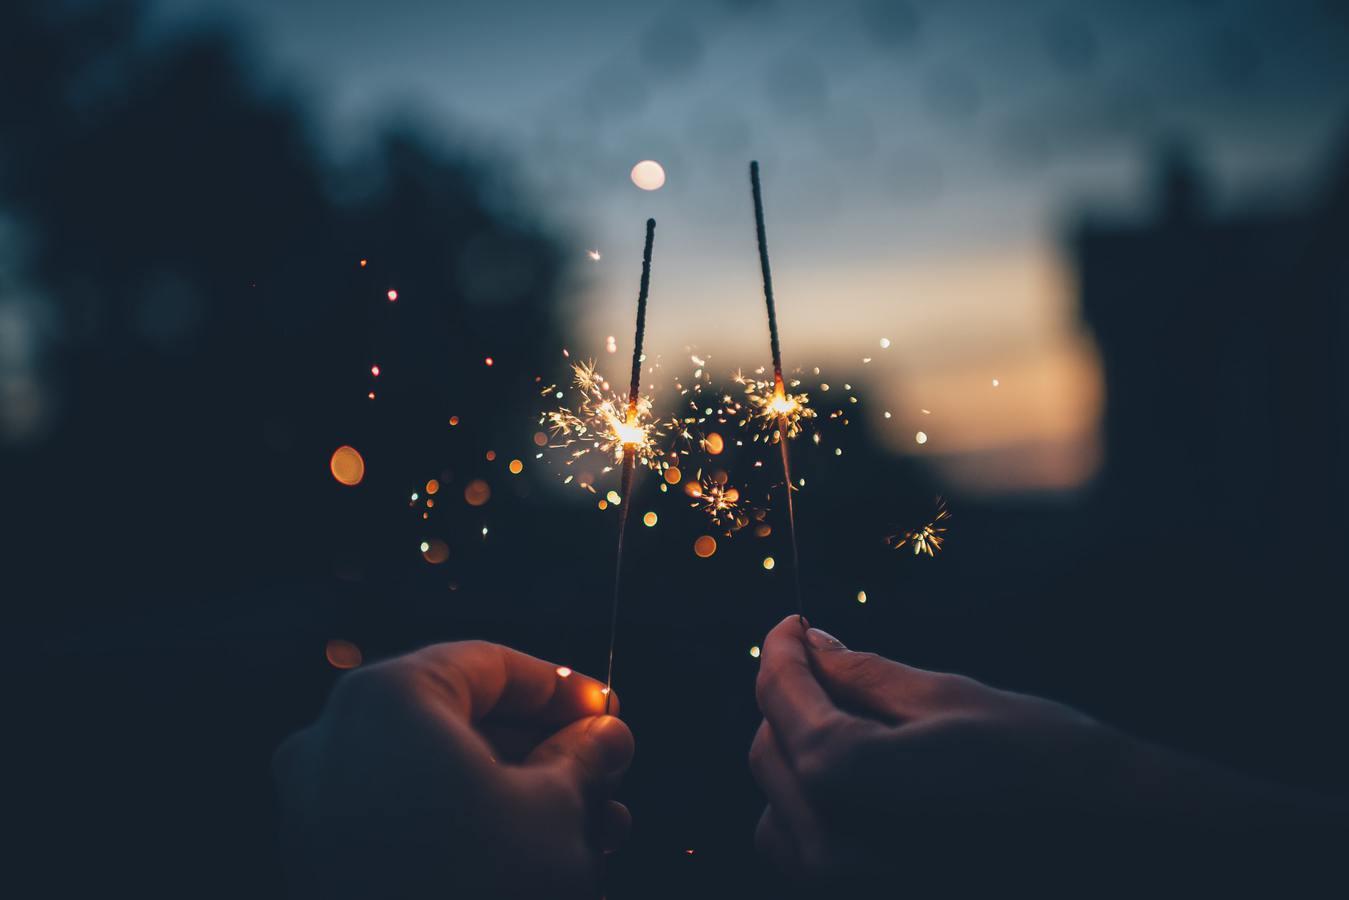 Pessoas celebrando com velas que soltam faísca